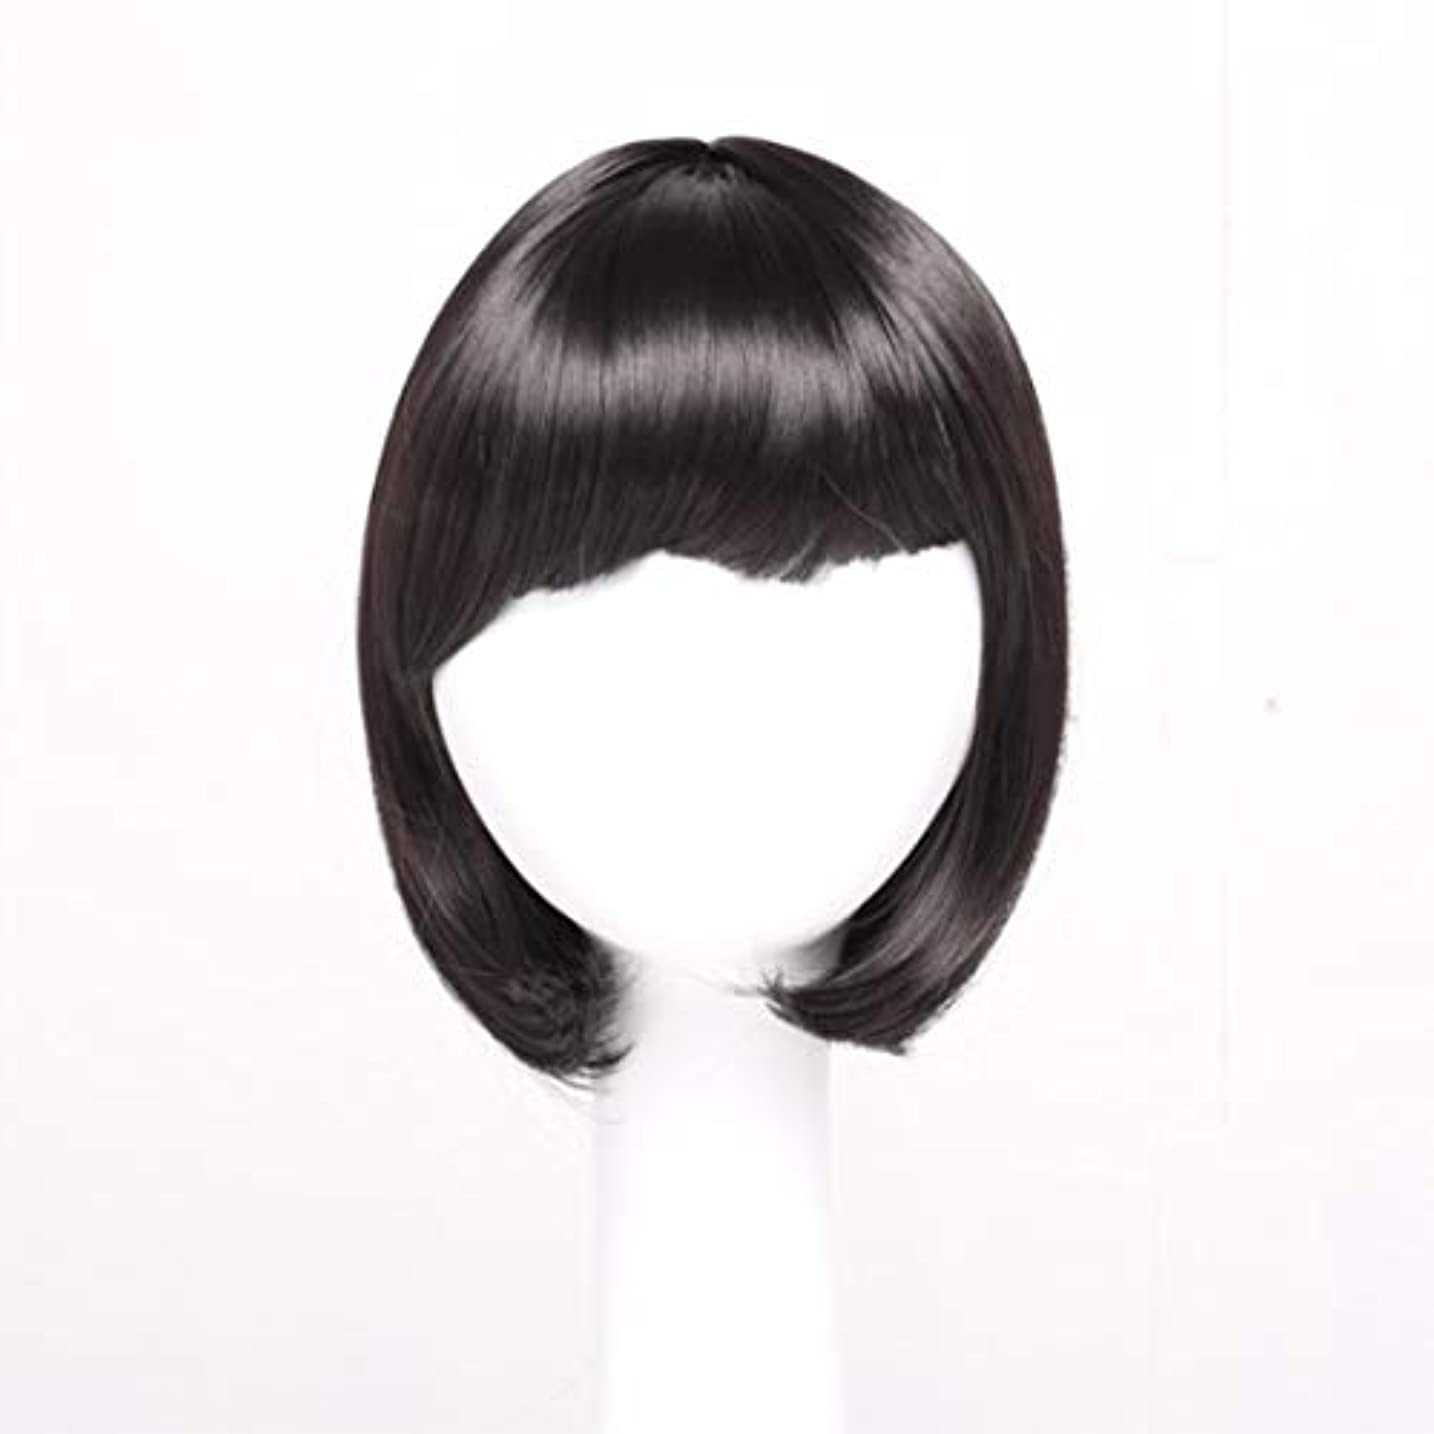 各新聞ヘルシーSummerys 本物の髪として自然な女性のためのフラット前髪合成黒かつらとストレートショートボブの髪かつら